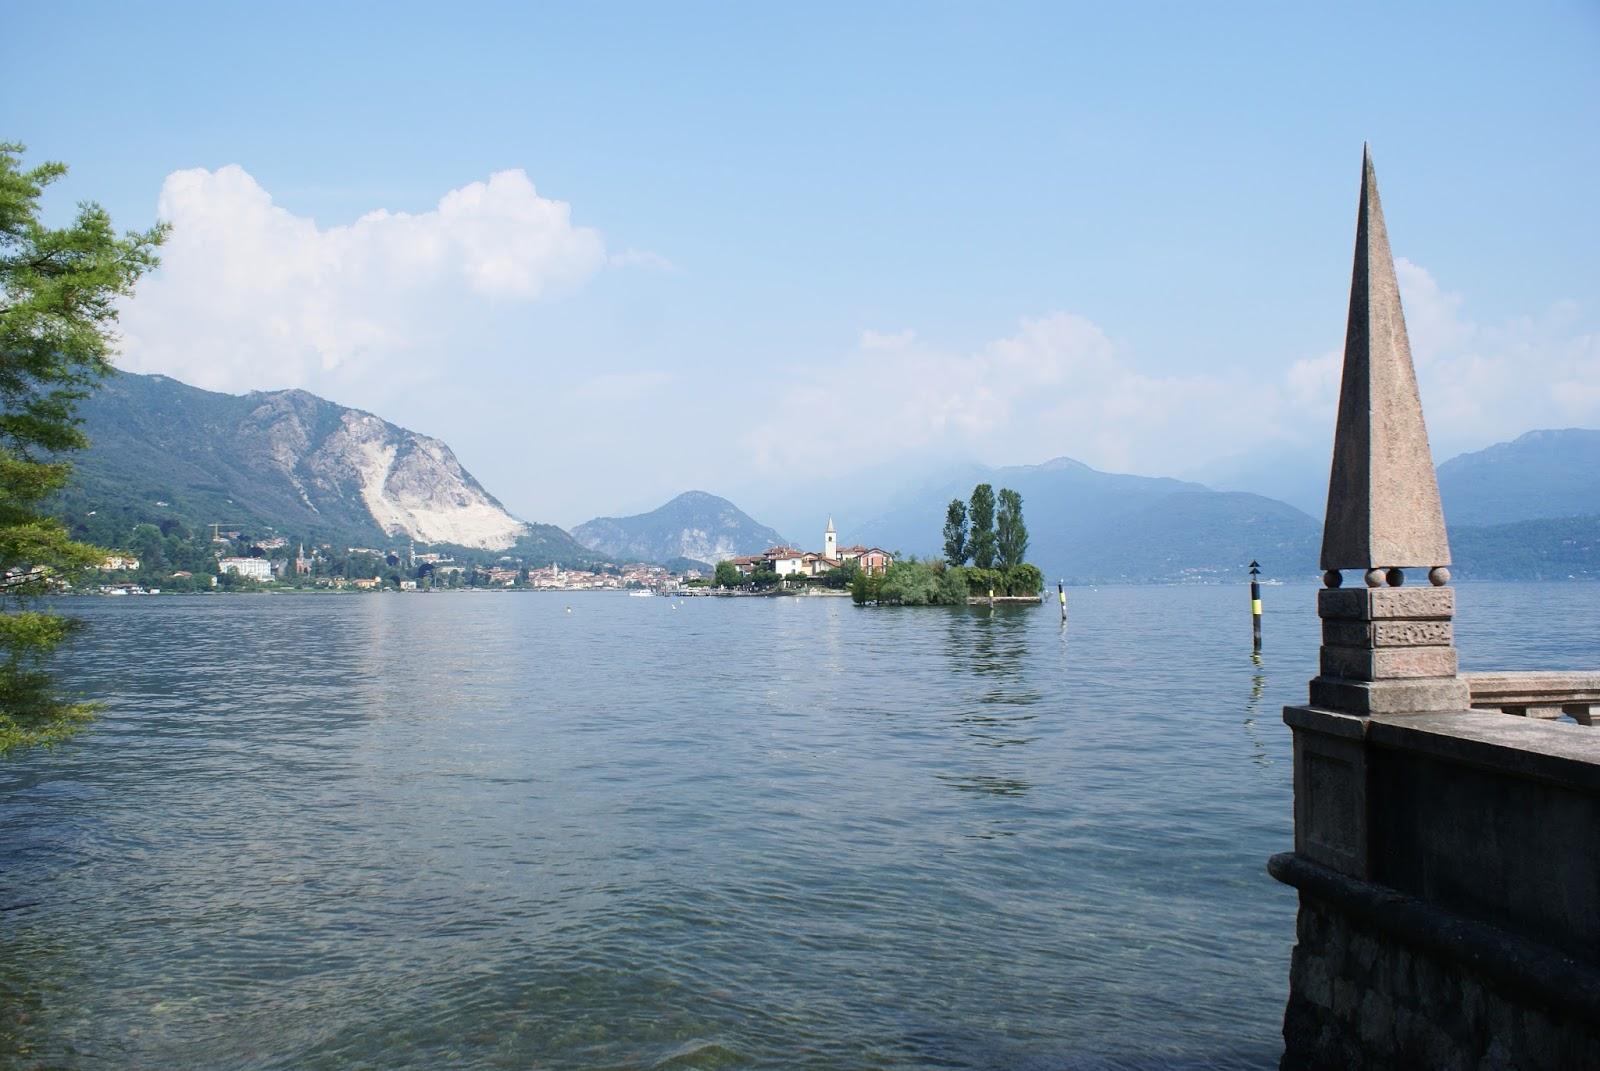 isole borromee borromées isola bella lago maggiore piemonte italy